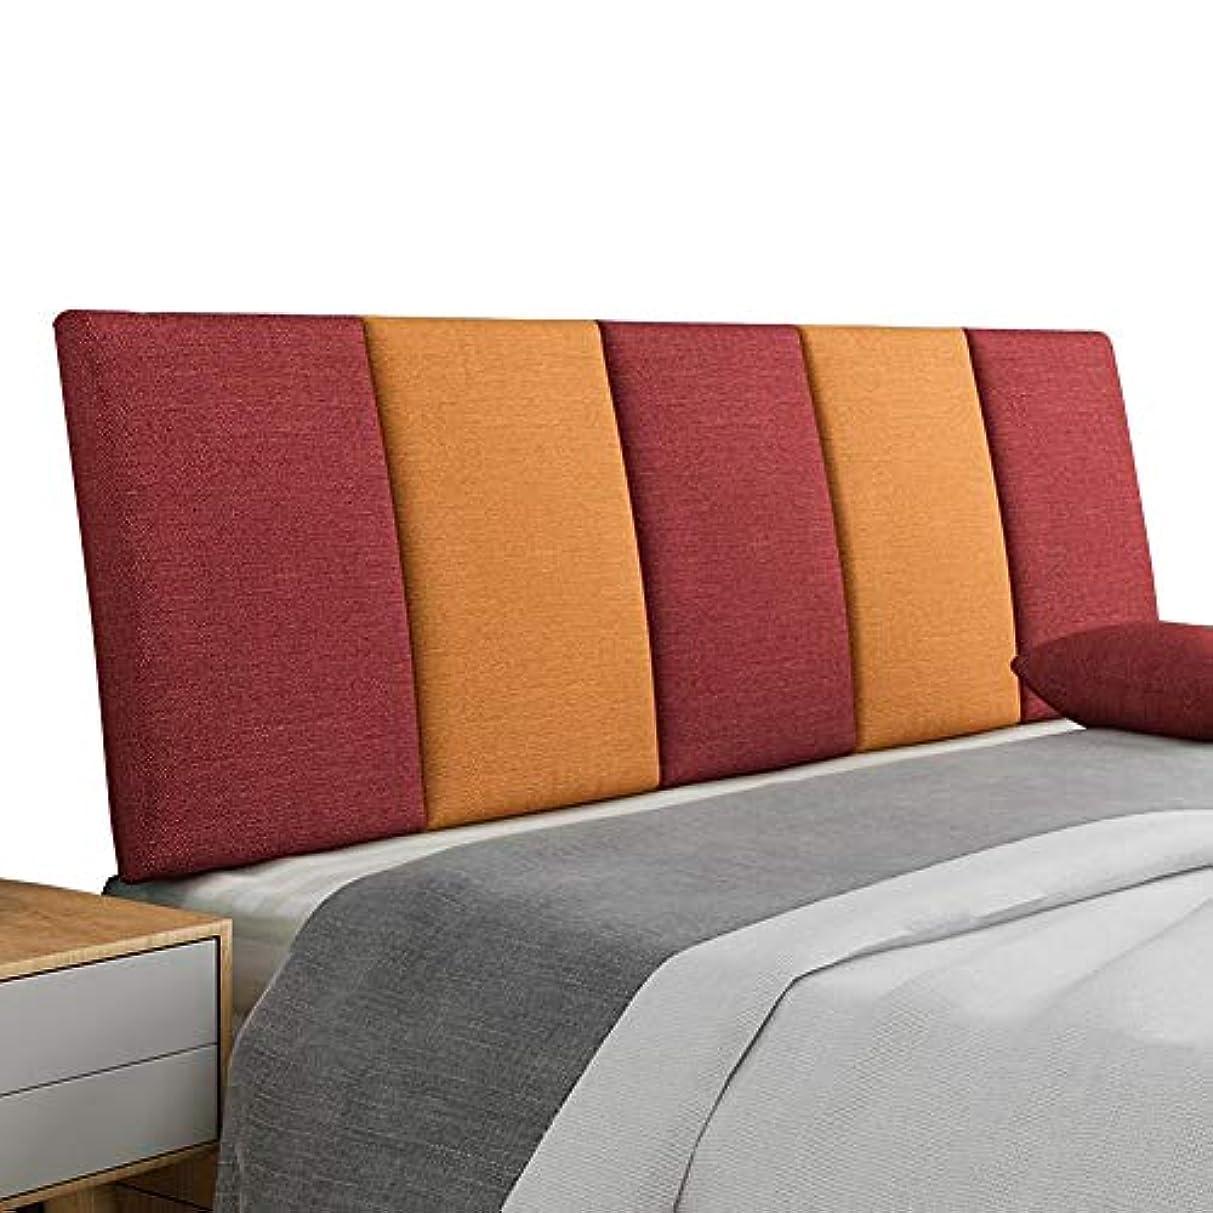 勝者受信機適応するLIANGLIANG クションベッドの背もたれ コットンリネン 布 ベッド 熱心な 通気性 環境を守ること 快適、 5色 (Color : D, Size : 200x55x5cm)